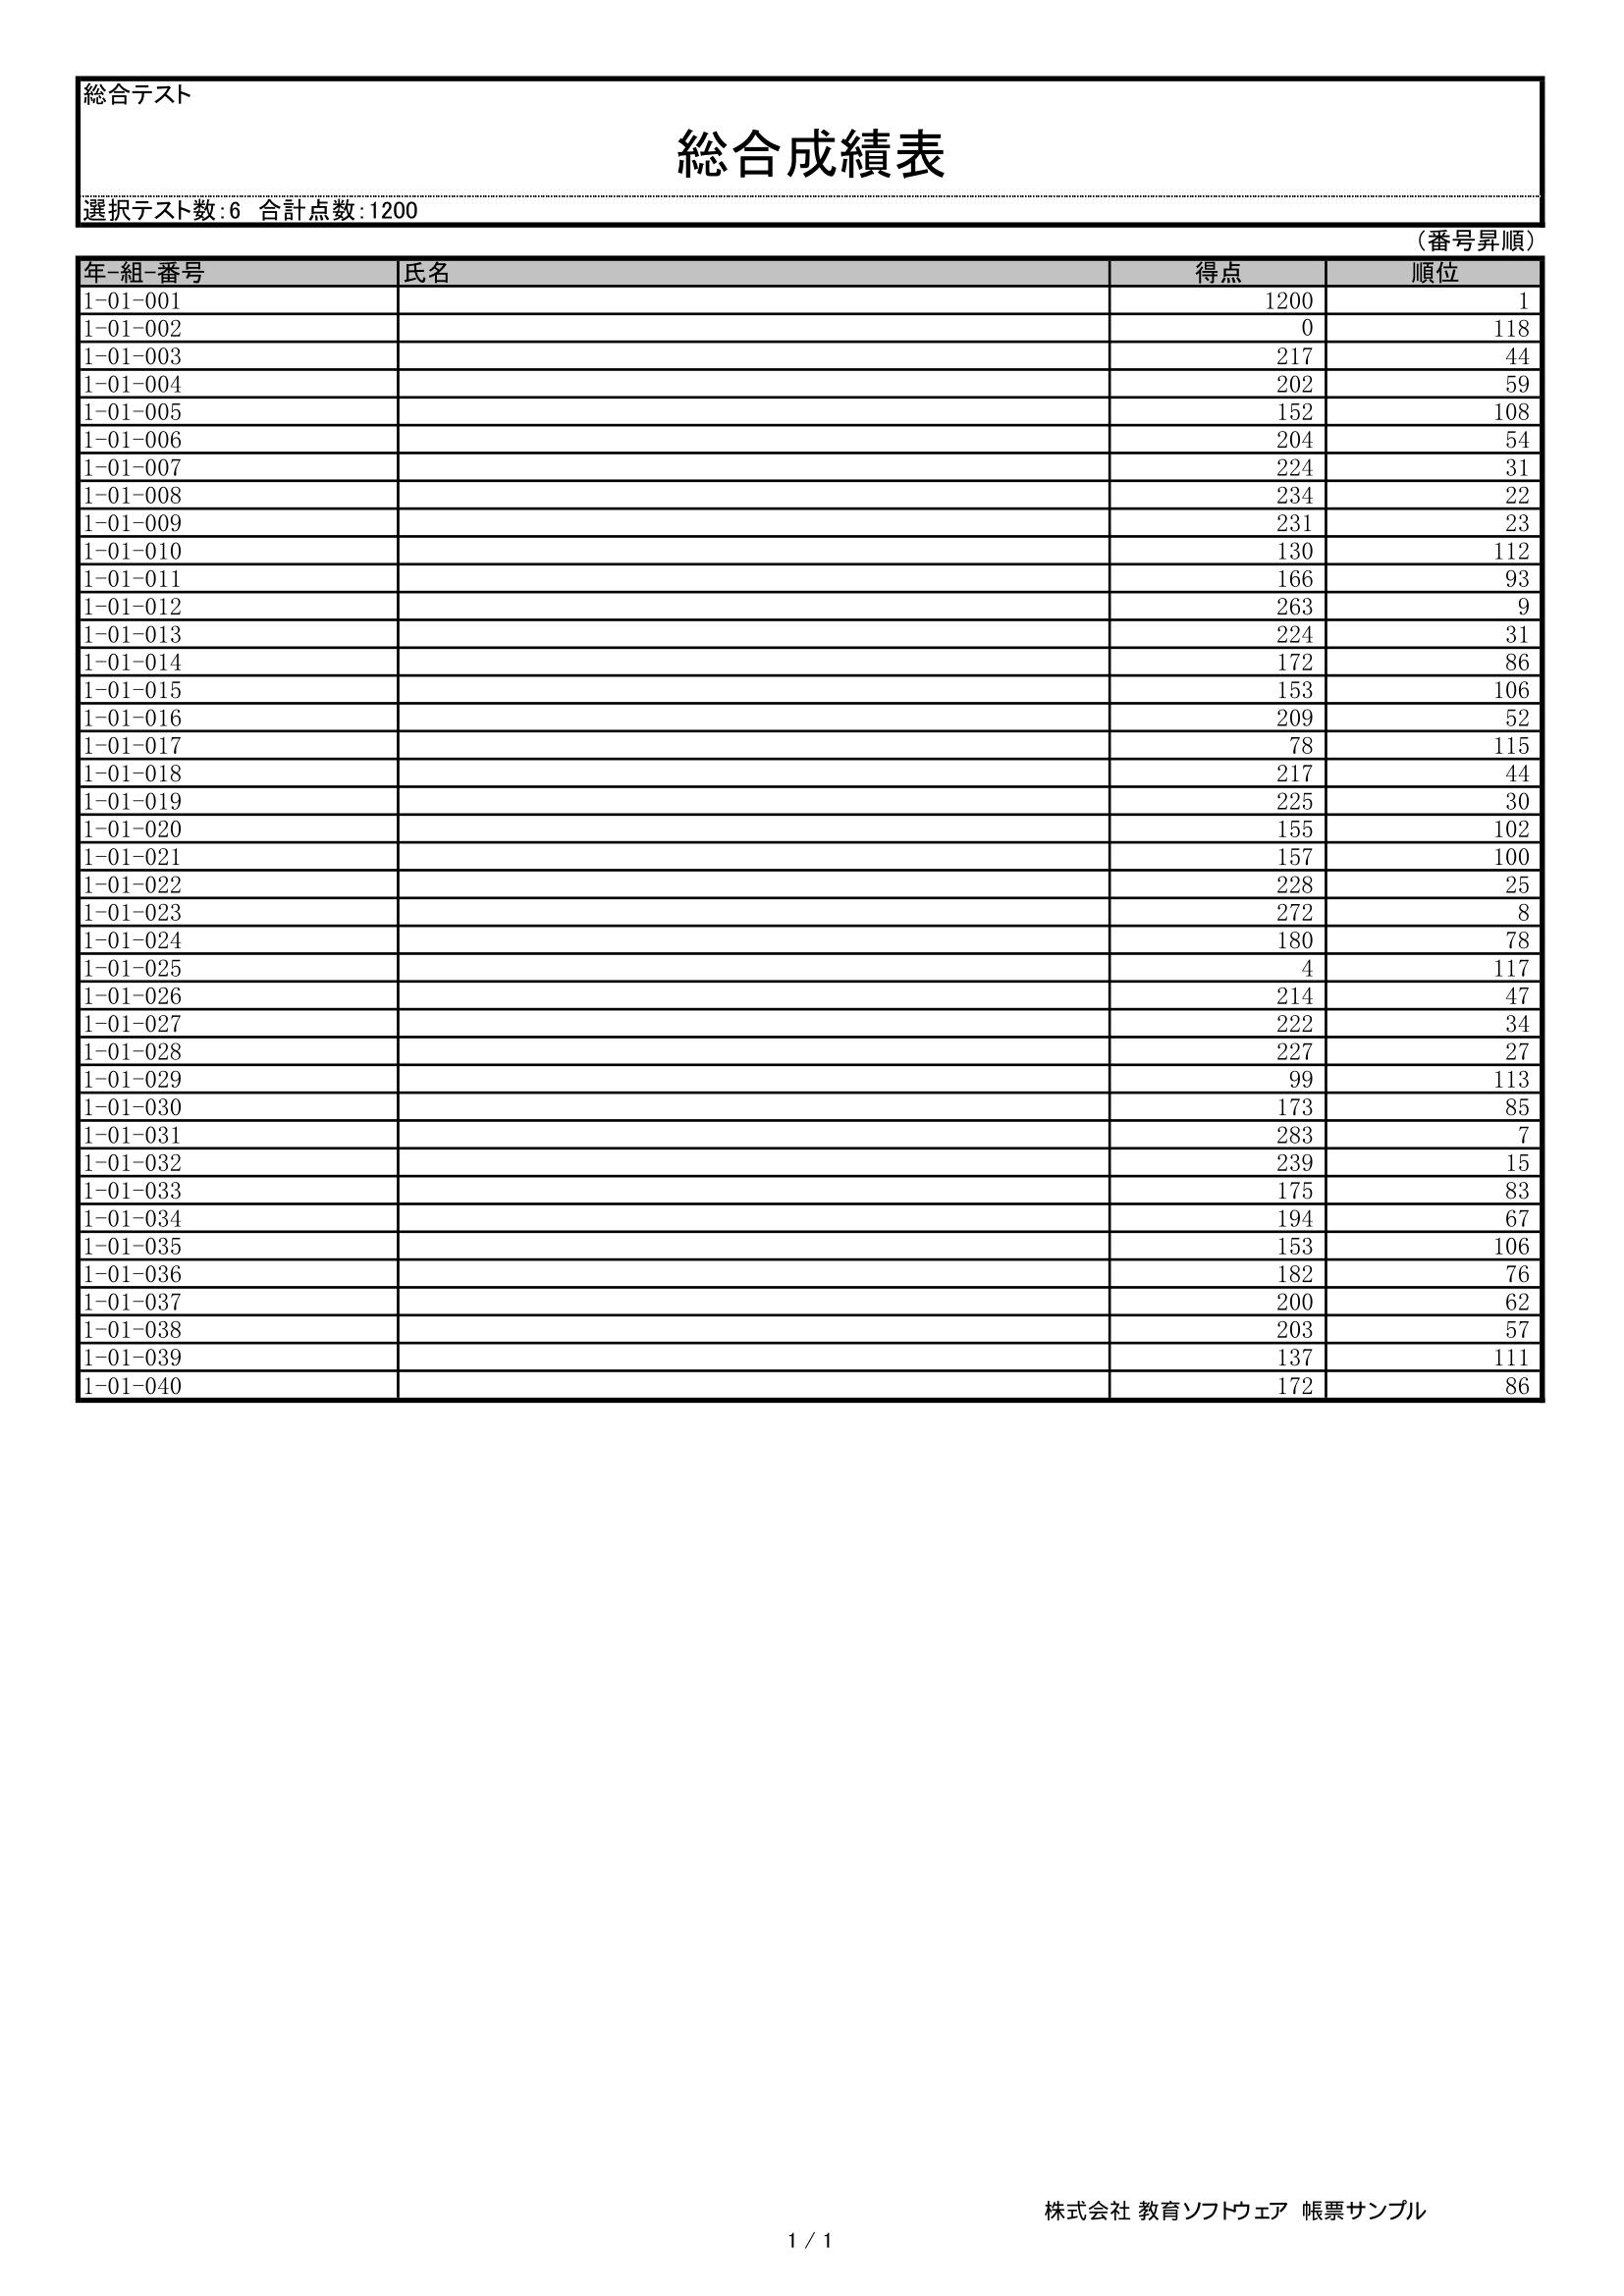 採点ソフト帳票サンプル-総合成績表